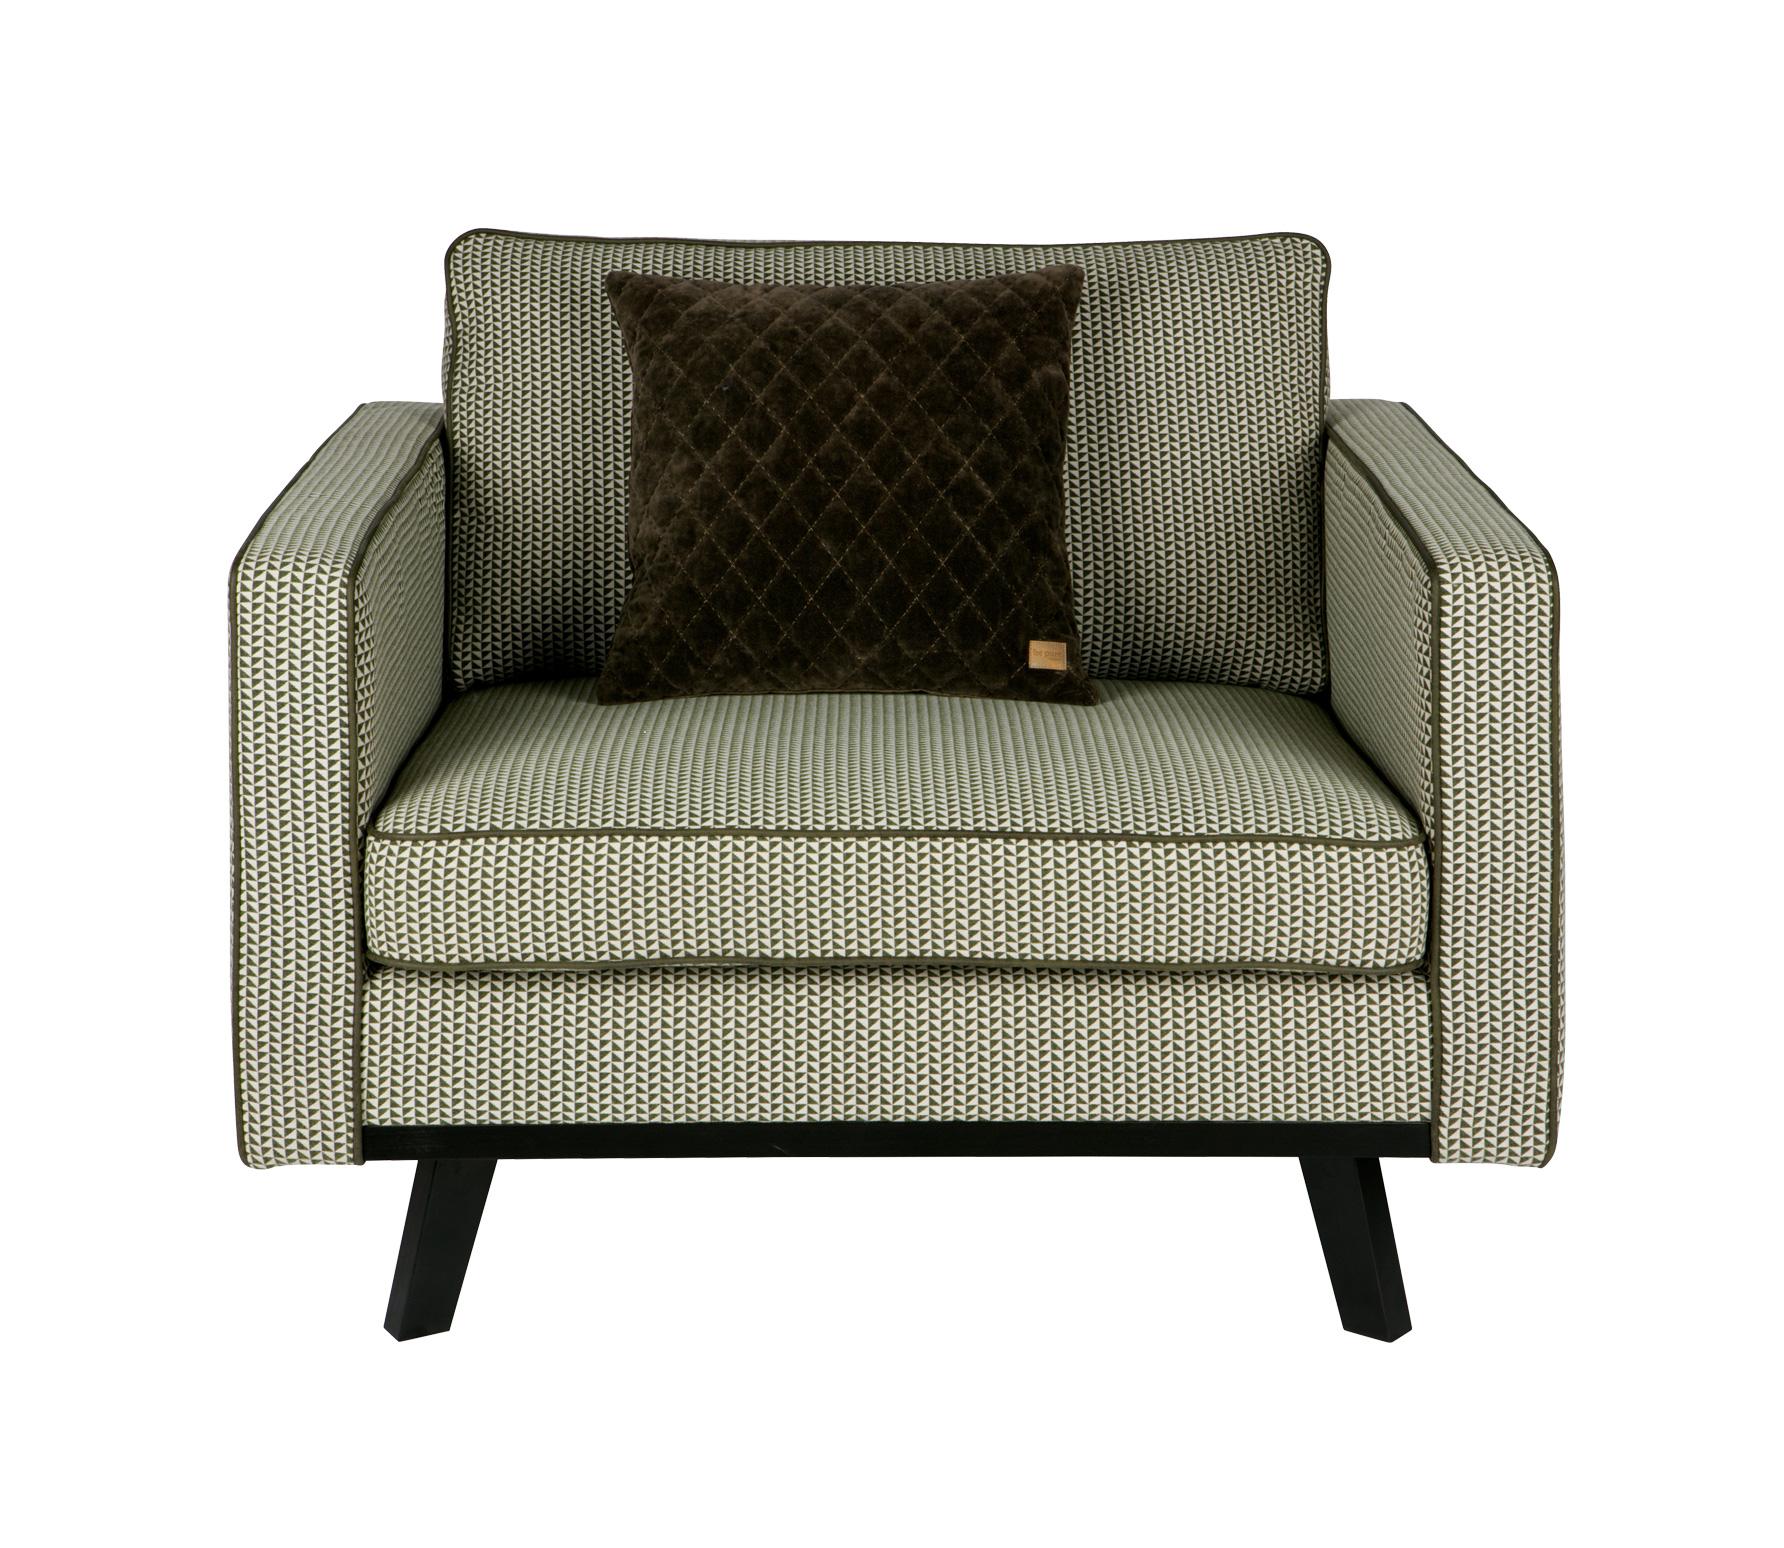 BePureHome Rebel fauteuil groen vrijstaand